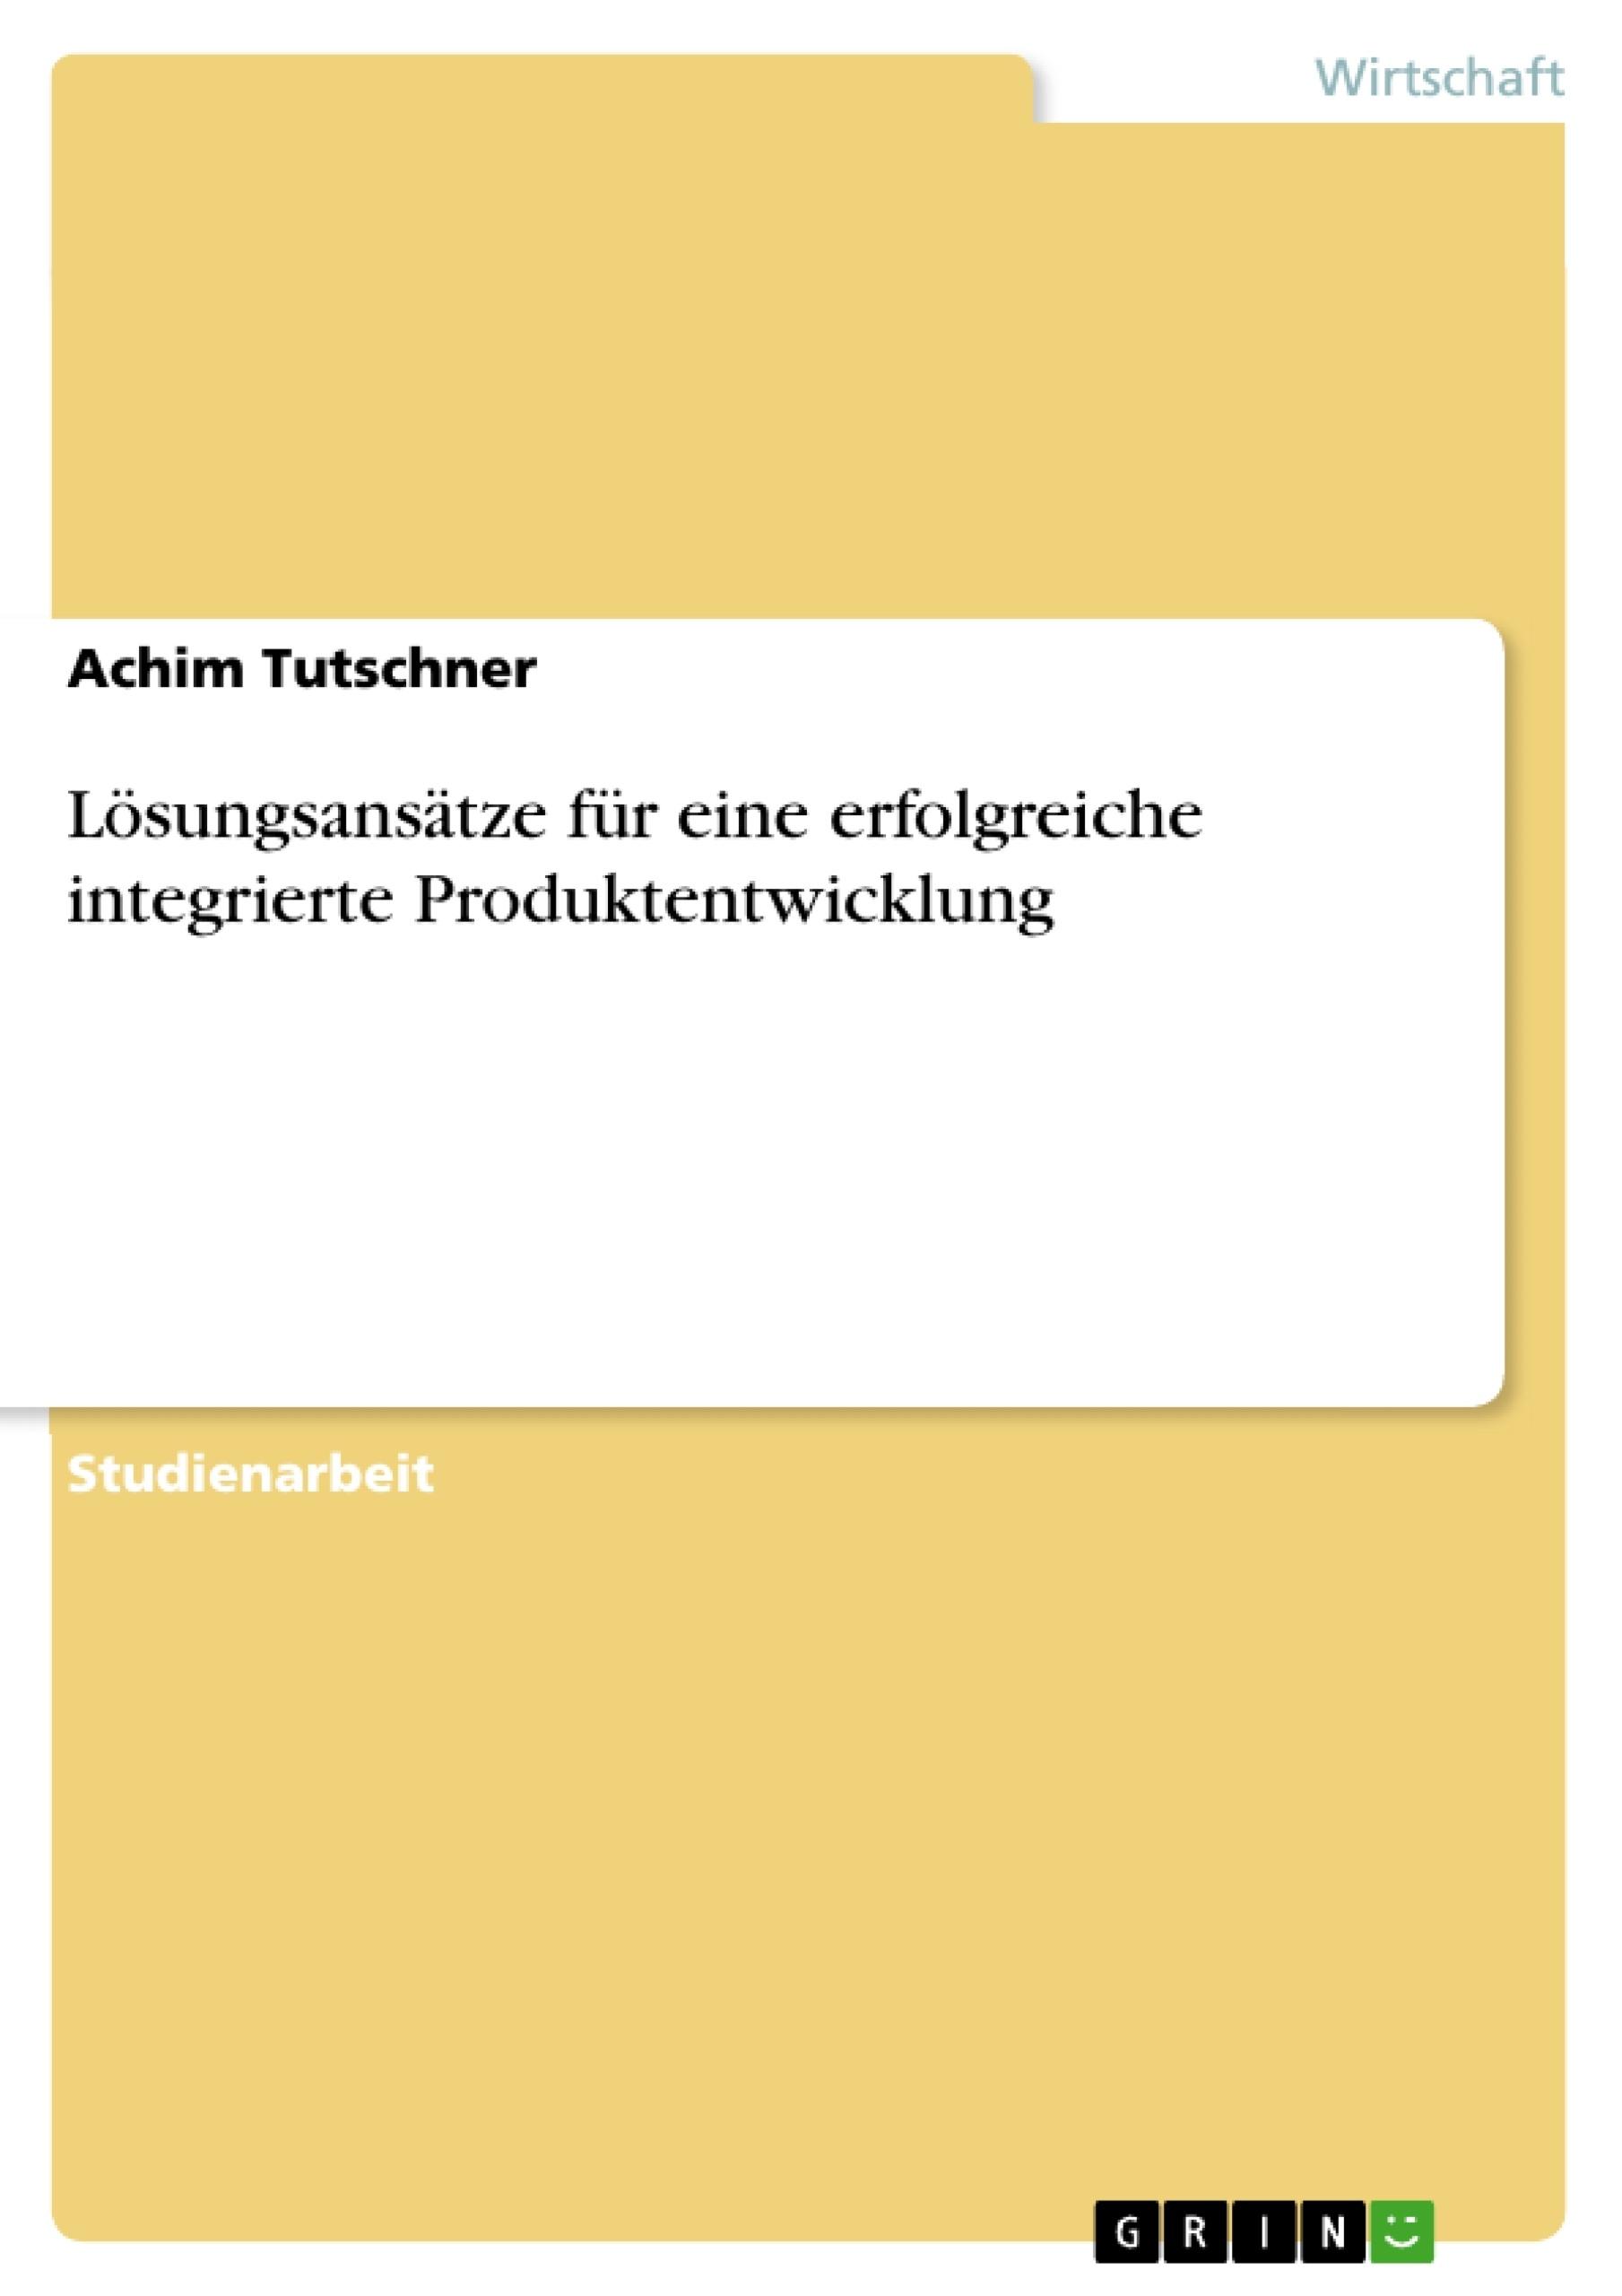 Titel: Lösungsansätze für eine erfolgreiche integrierte Produktentwicklung